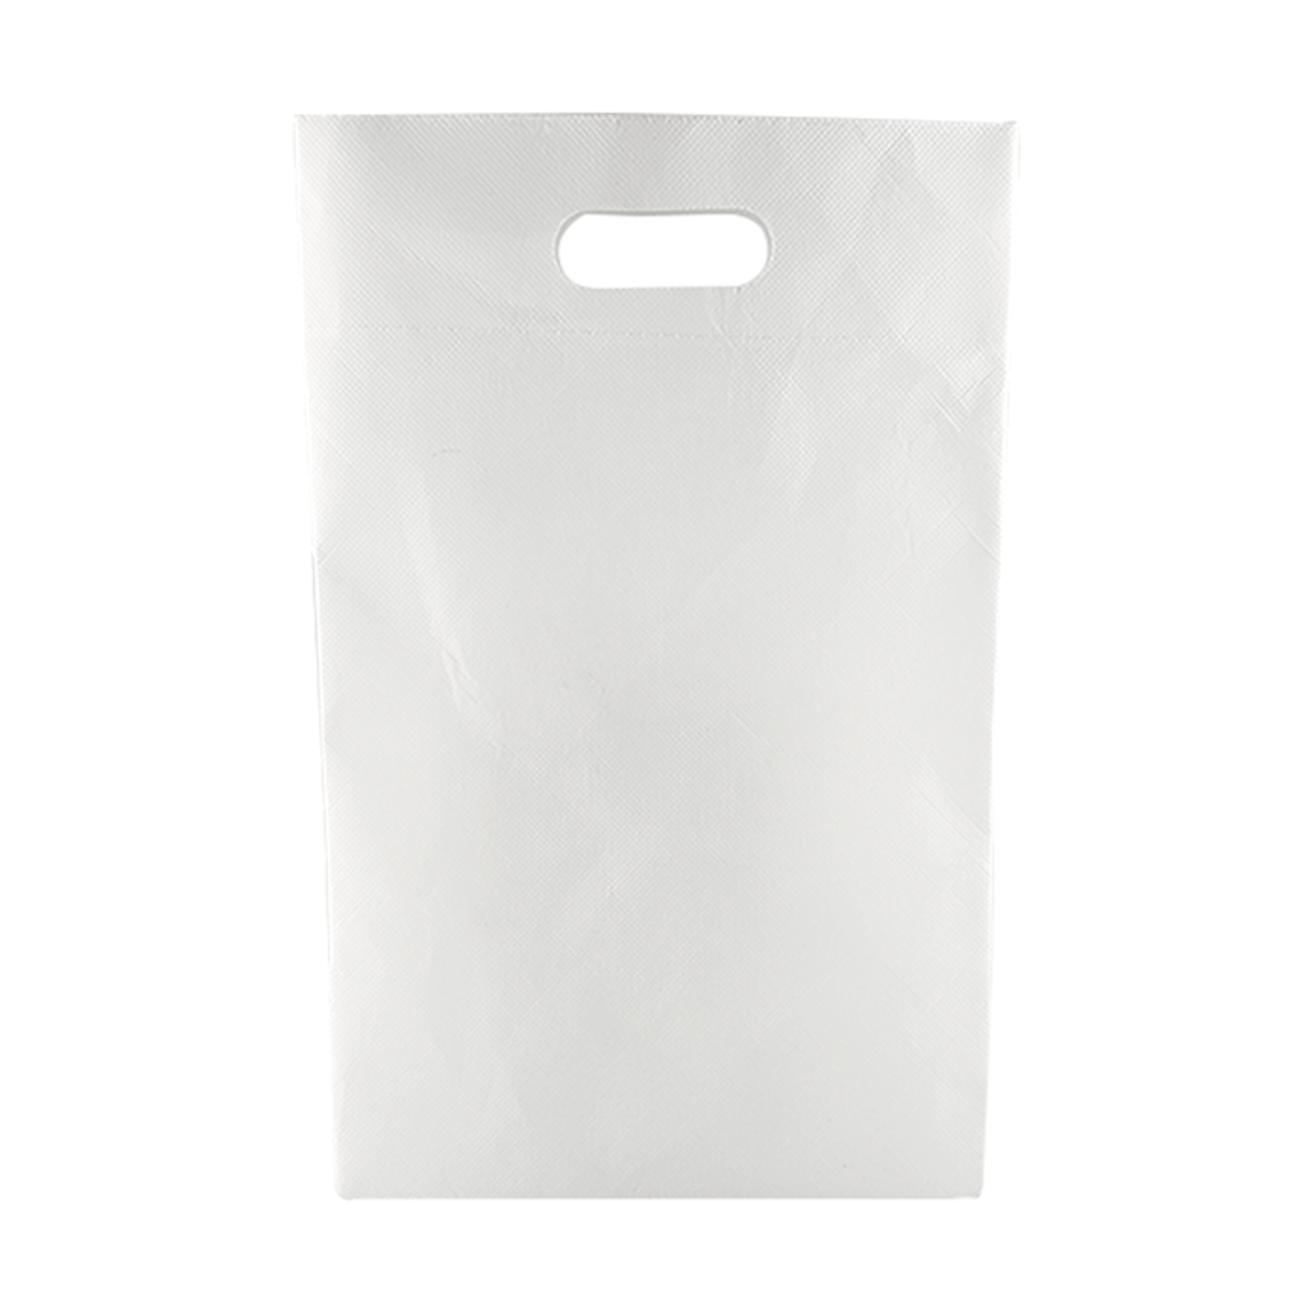 b5f9d380a Sacola de Pet para sublimação sem Alça 40x25,5cm - socd-mob